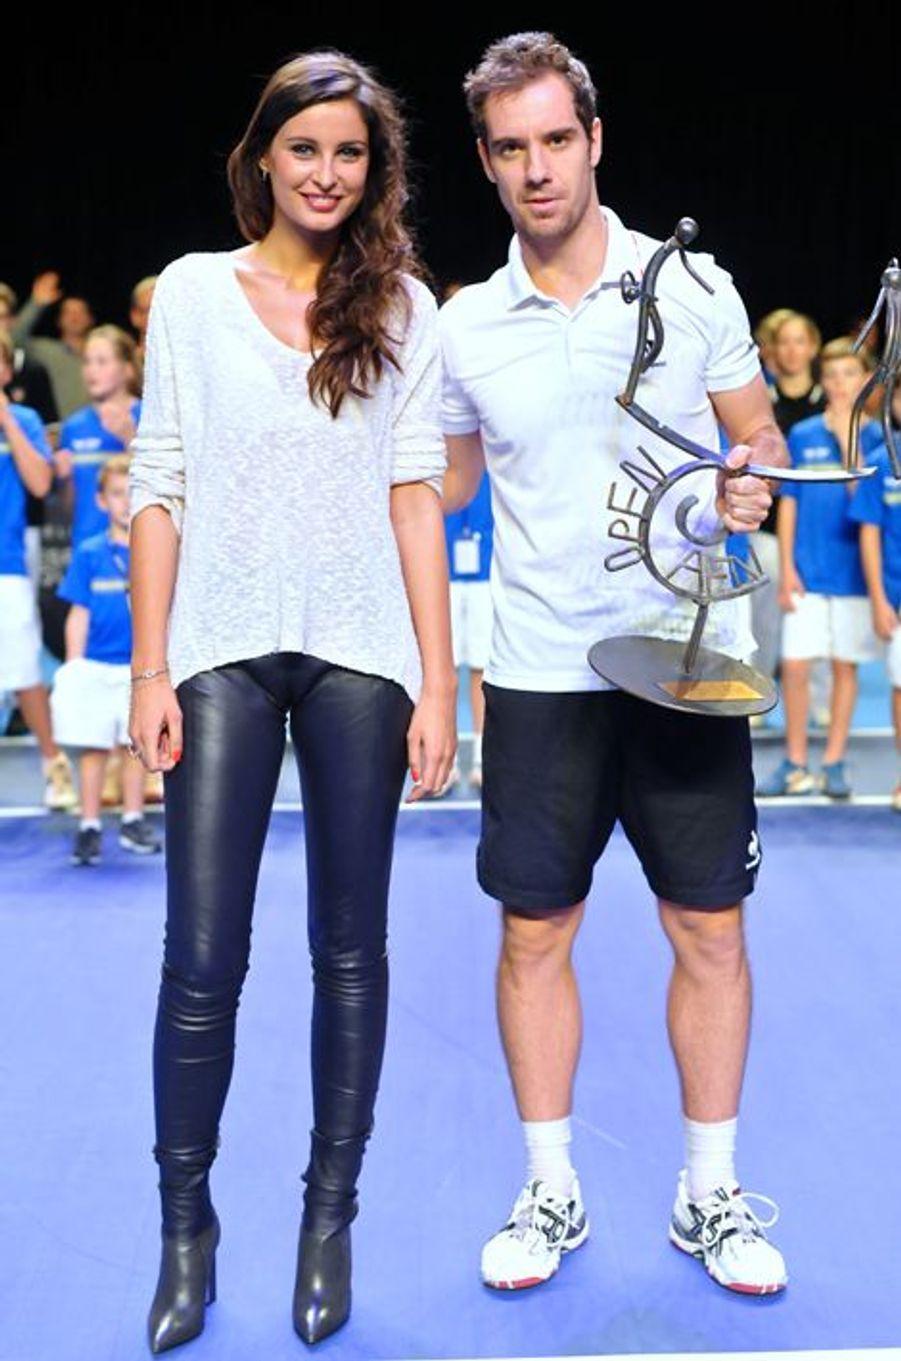 Malika Ménard aux côtés de Richard Gasquet a la Finale de l'Open de Caen en 2014.